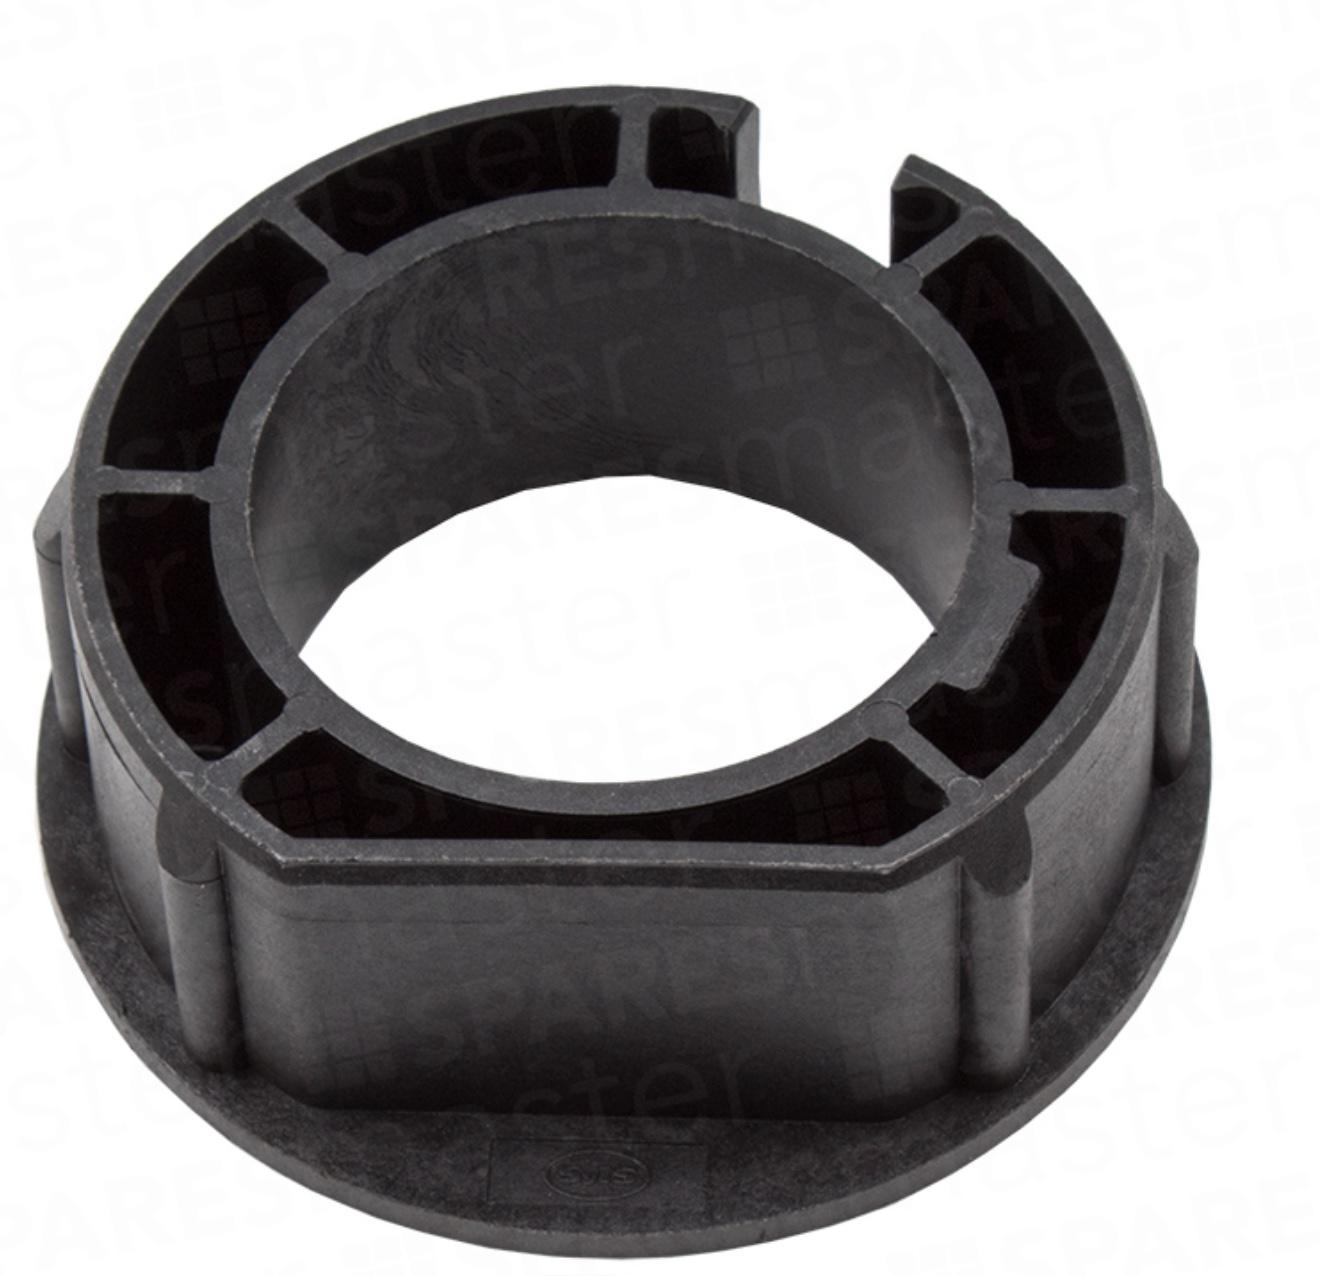 Somfy Tubular Roller Shutter Motor Drive Somfy 4″ 16 SWG Crown Wheel